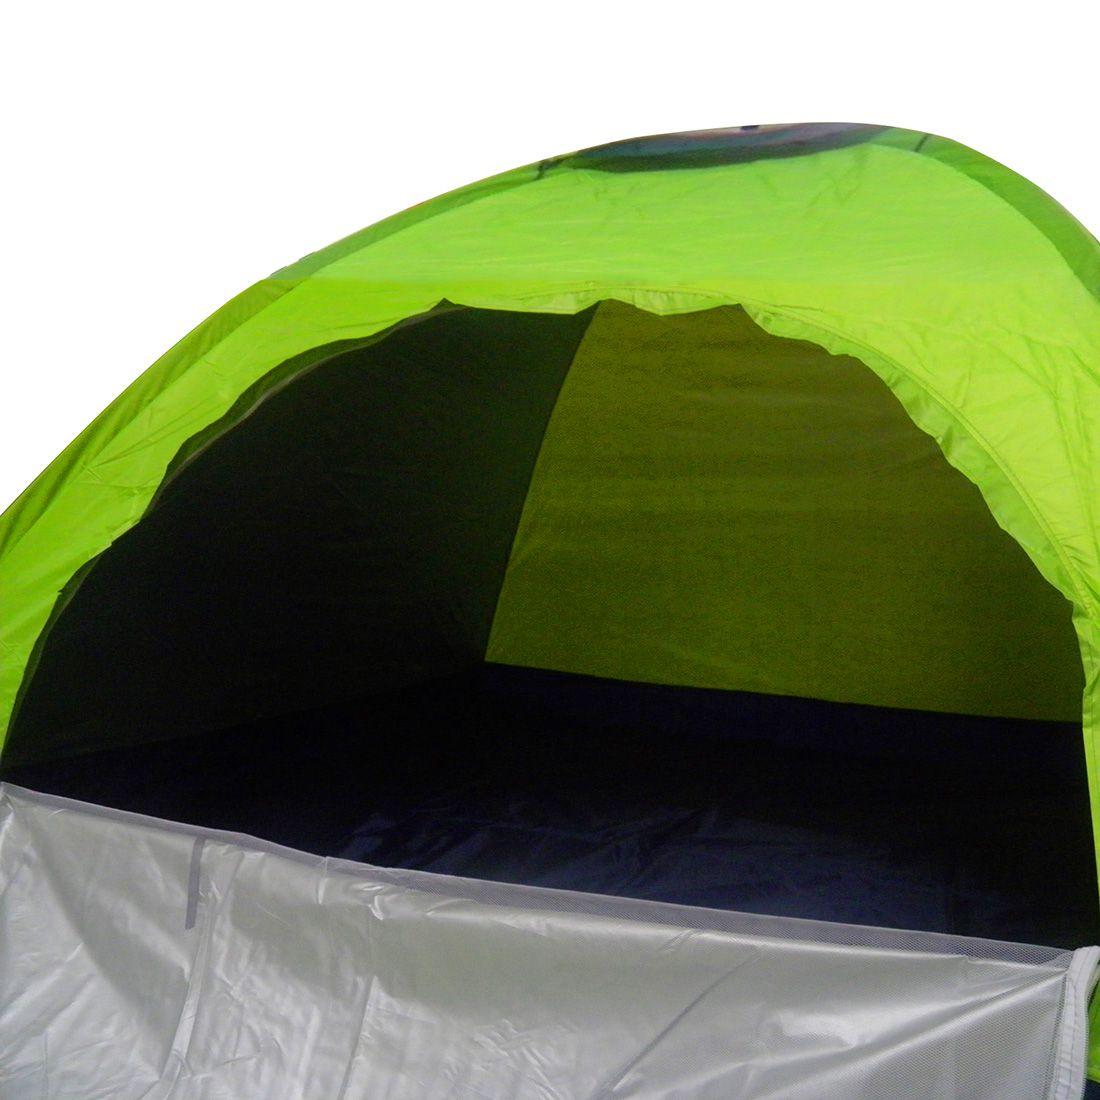 Barraca de Camping 4 Pessoas Esporte Lazer Acampamento 2 Metros